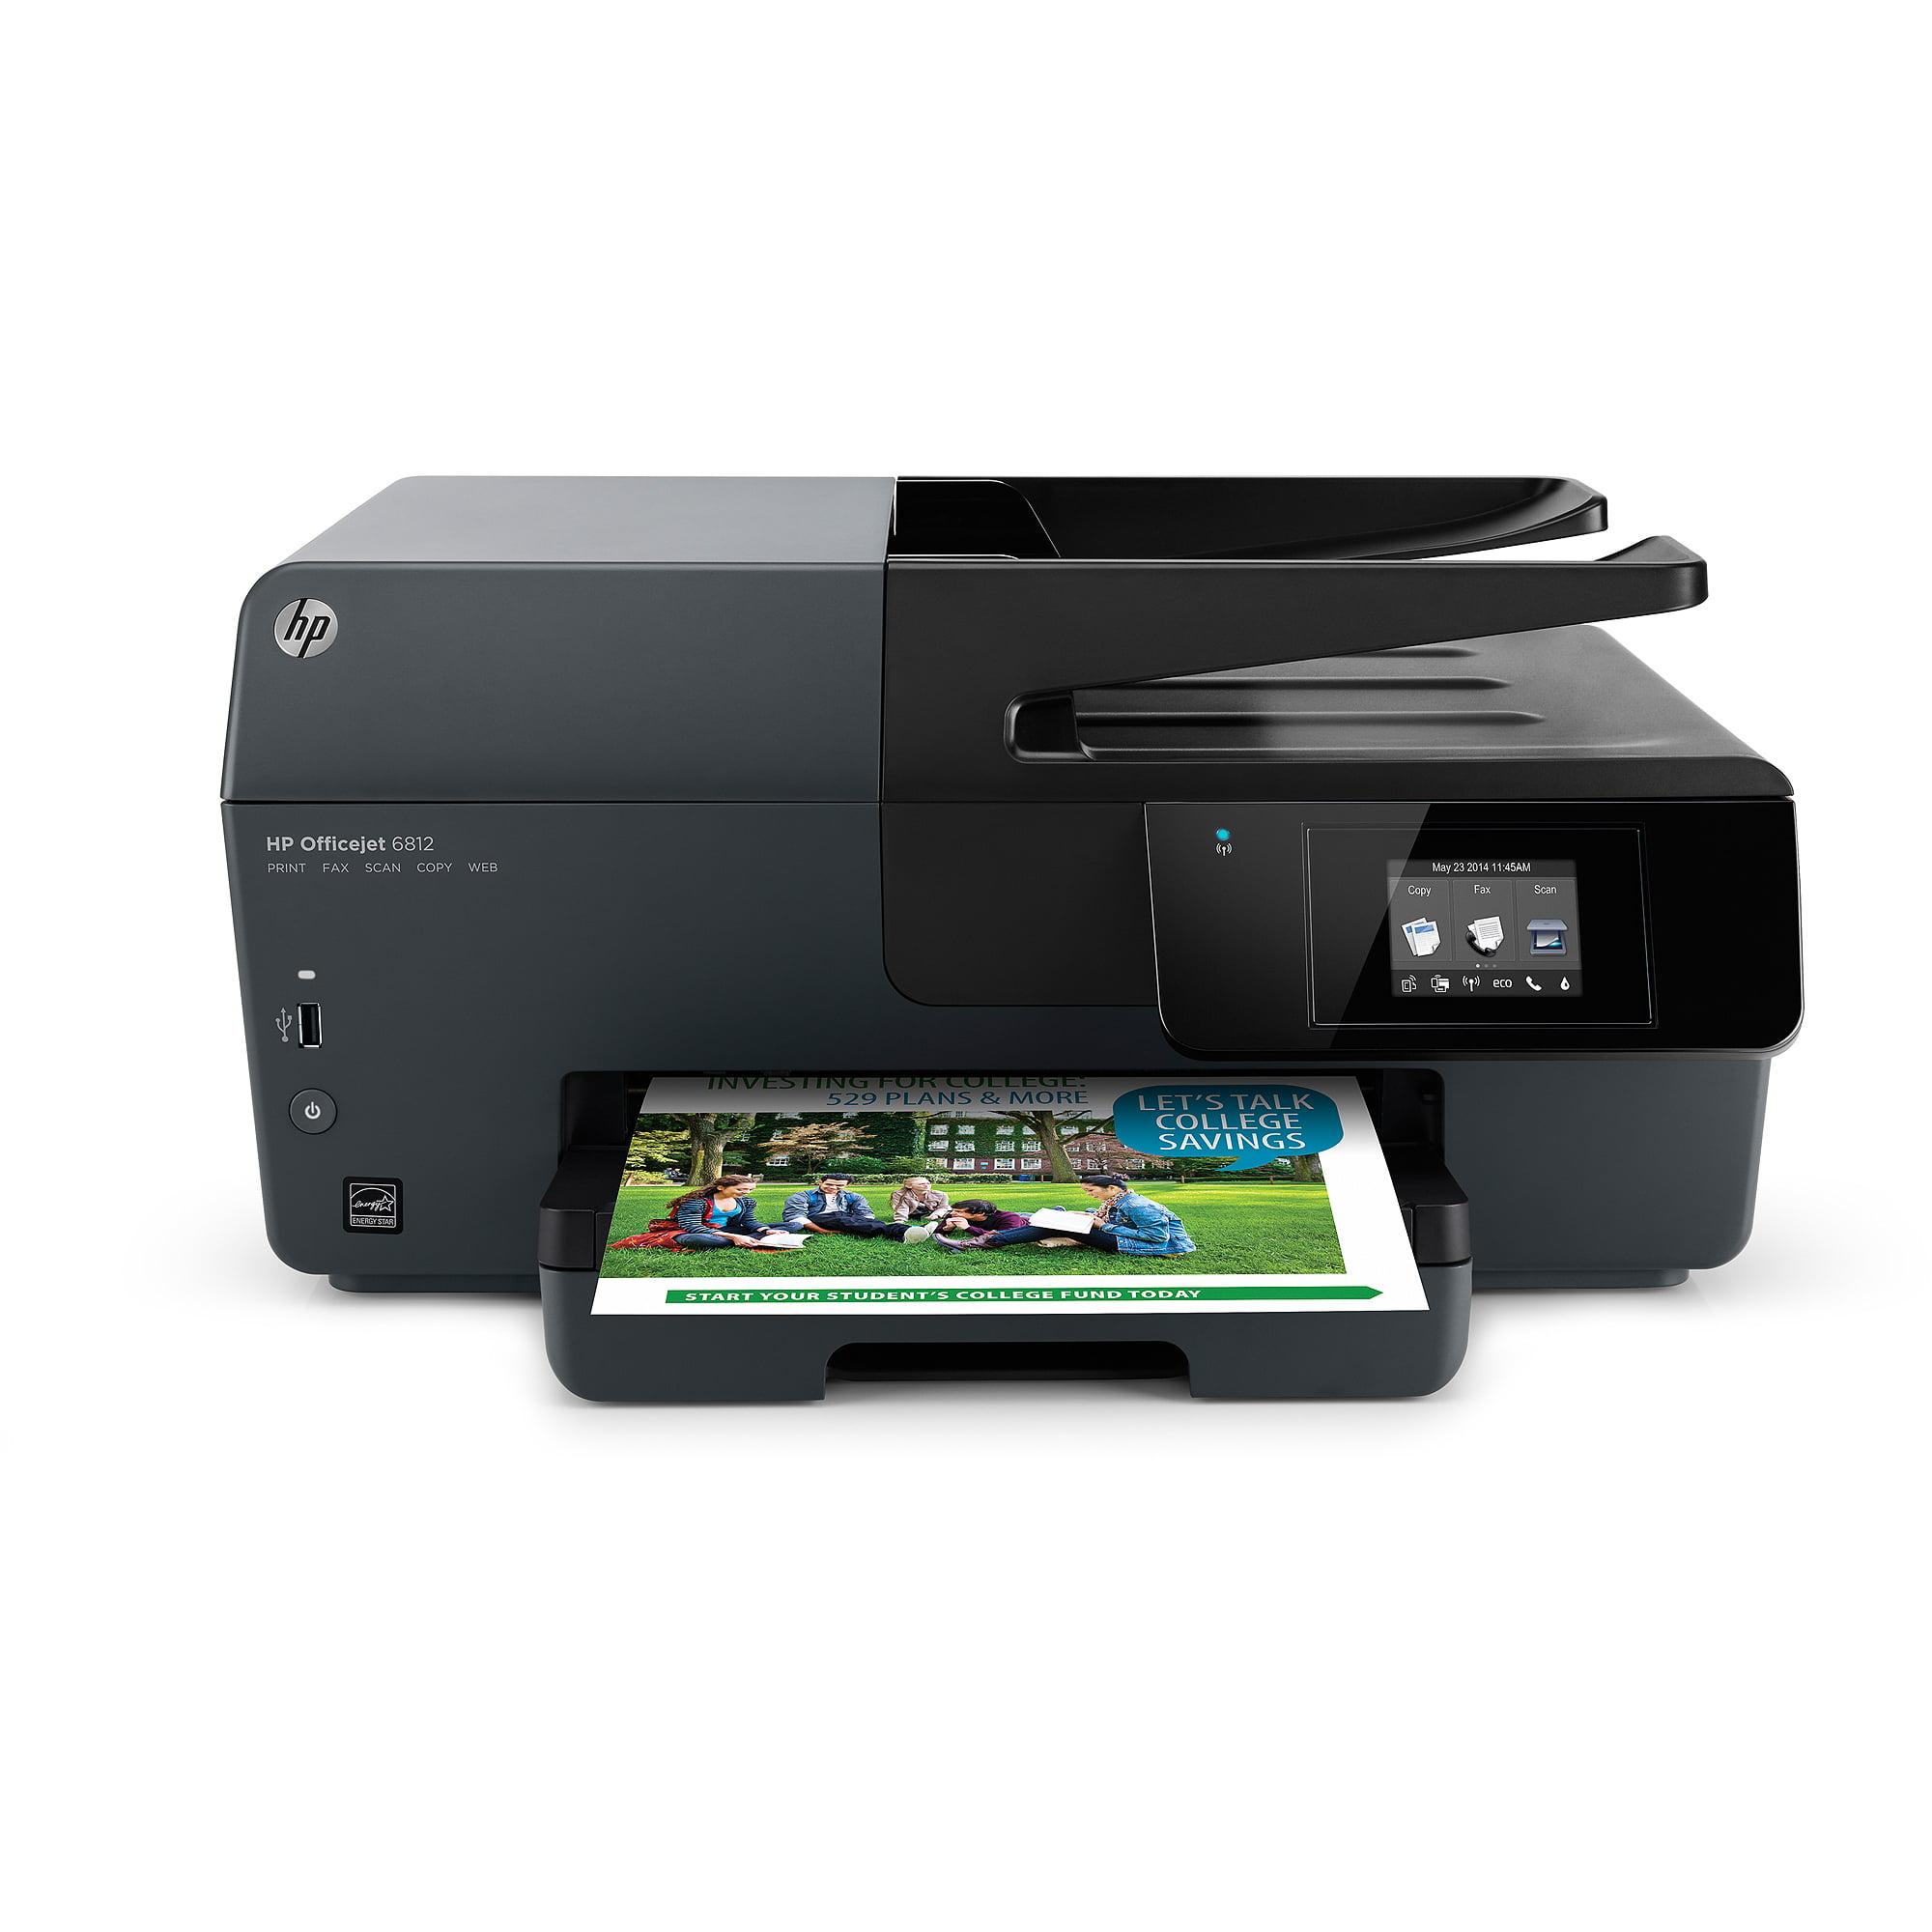 hp officejet 8702 all in one wireless printer walmart com